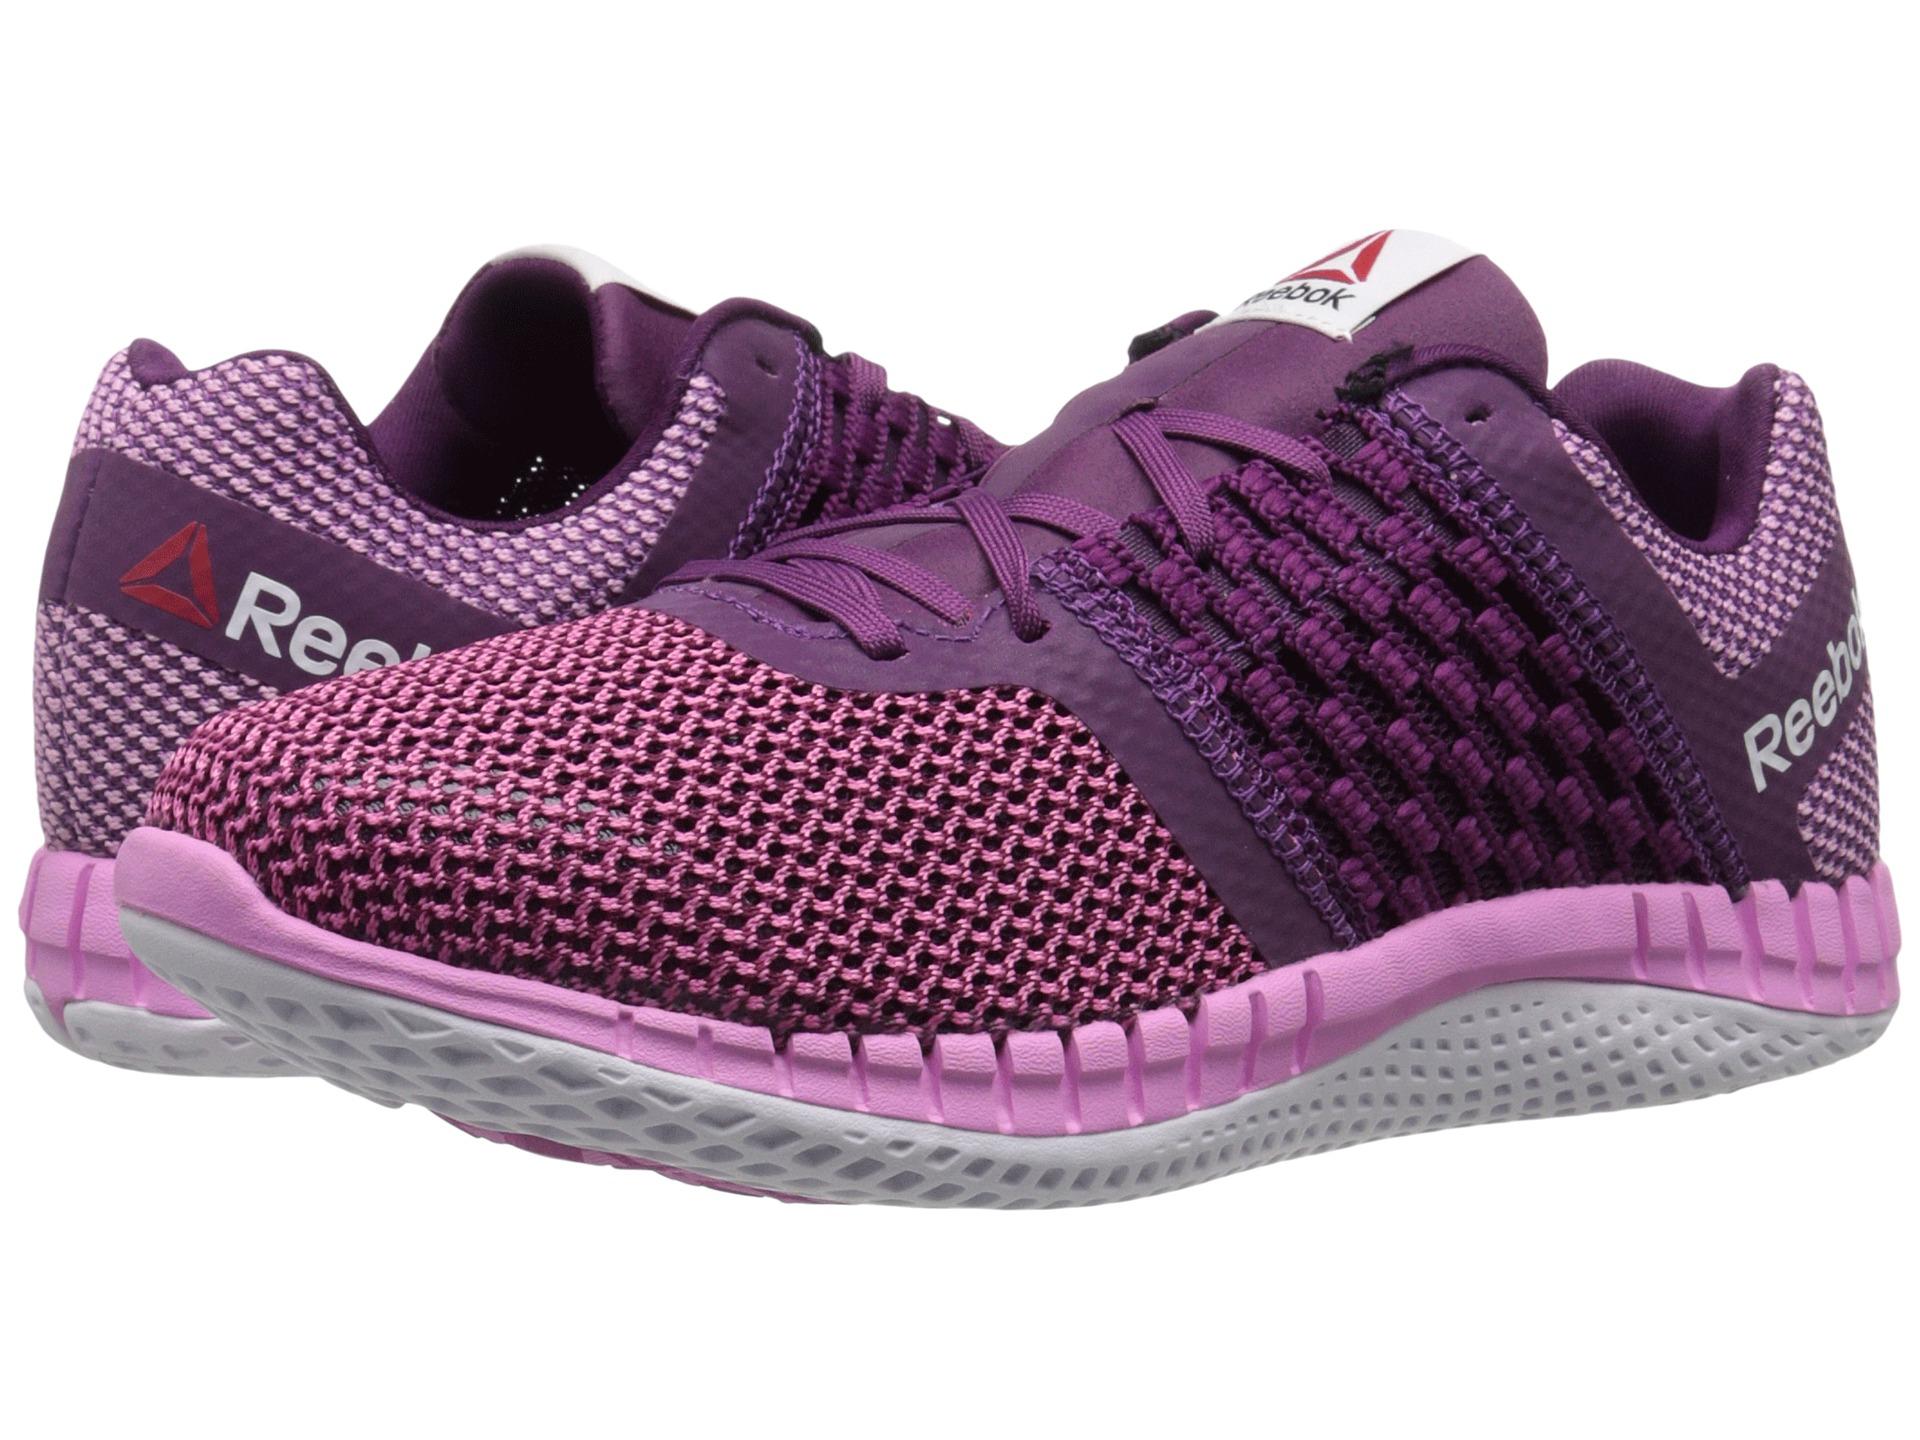 c8003d9437b3 Lyst - Reebok Women s Zprint Run in Purple